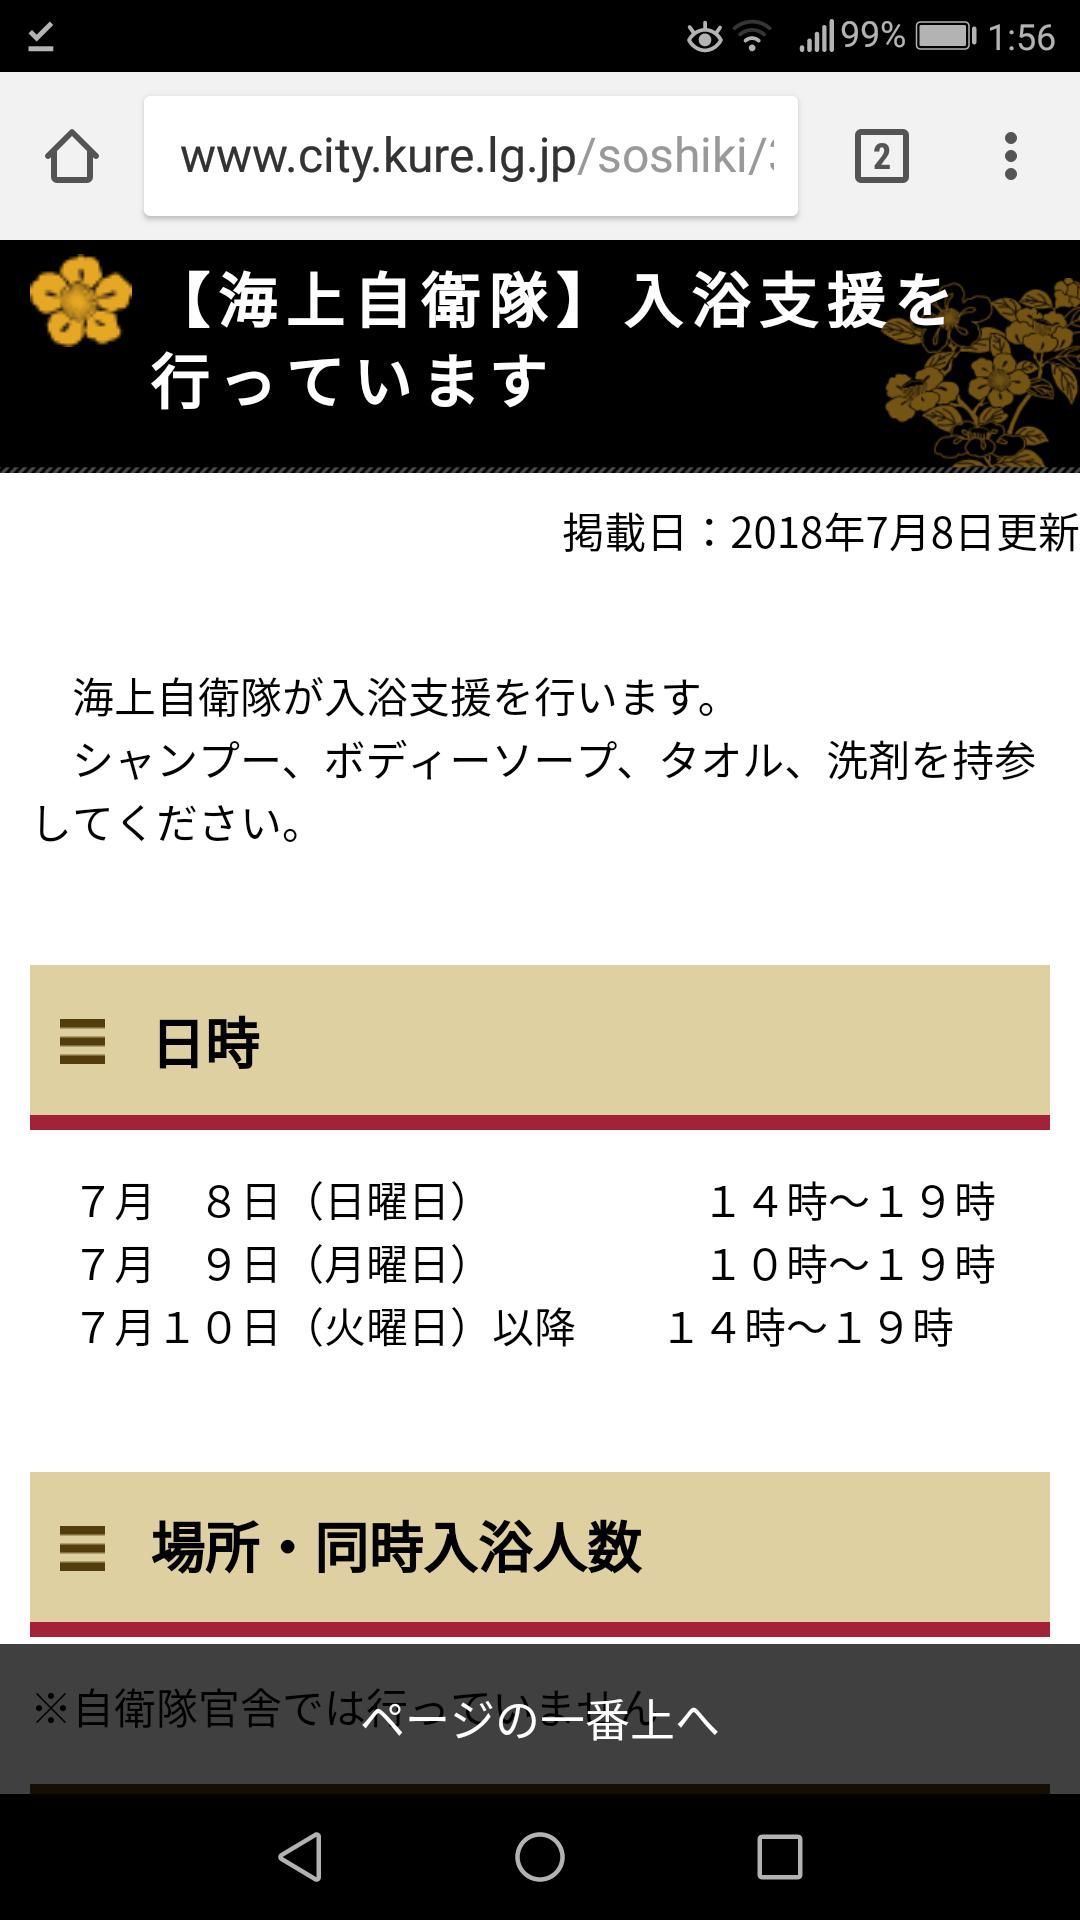 【大雨浸水被害】情報共有しませんか?7月9日